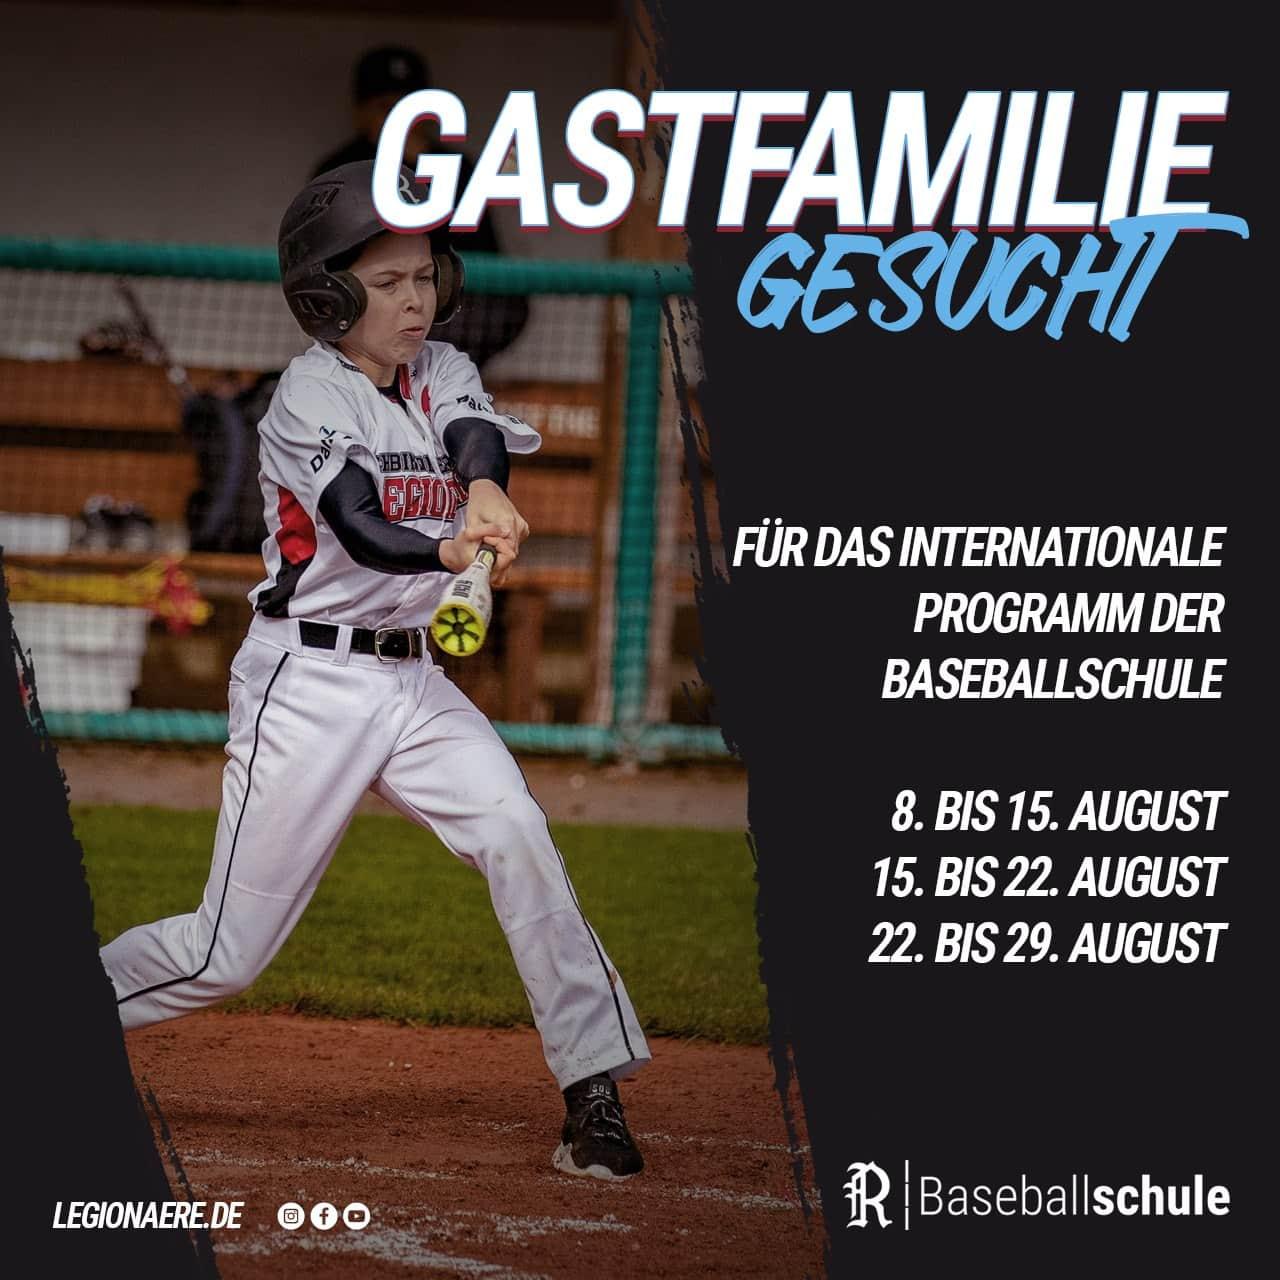 Legionäre Baseballschule: Camps für Kinder in den Ferien Gastfamilien gesucht